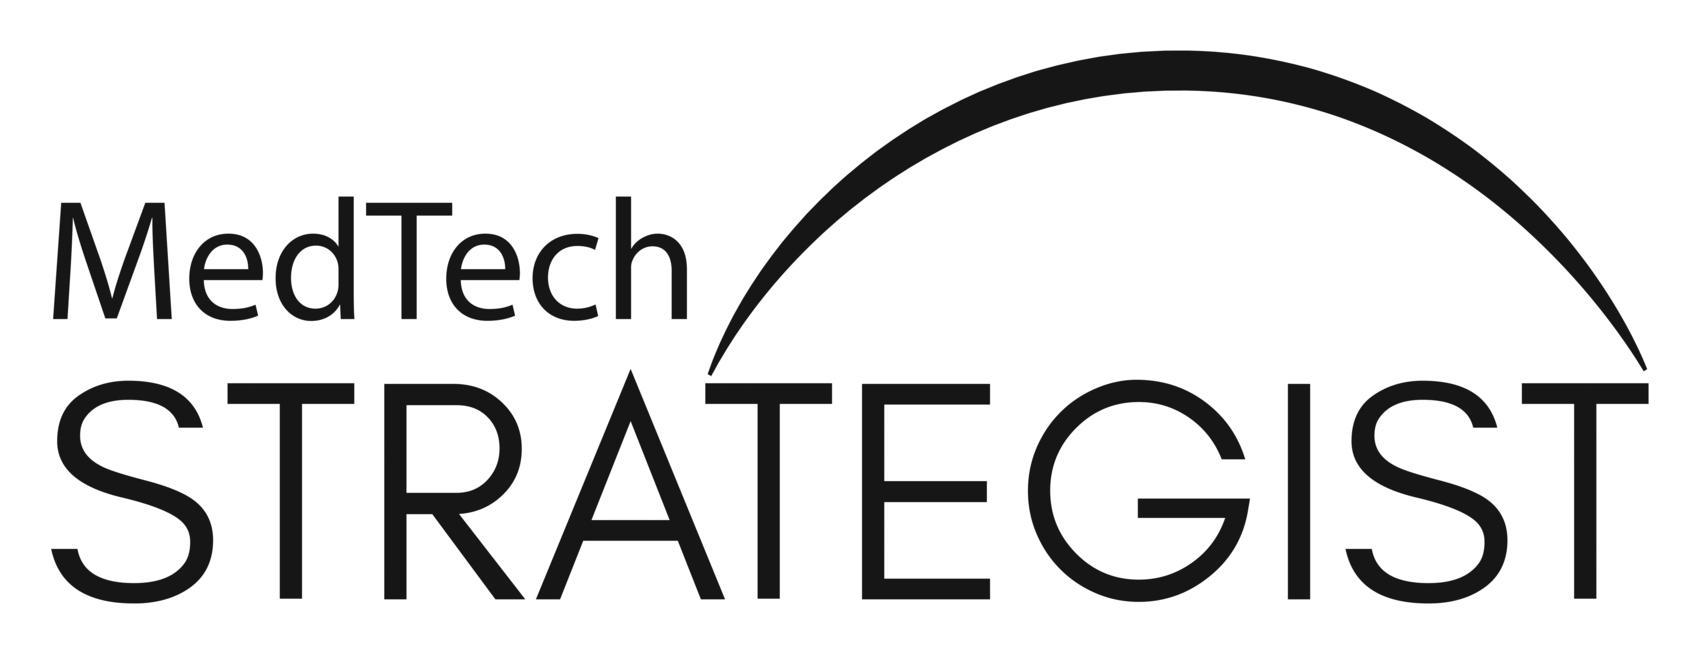 MTC-logo-Medtech-transparent